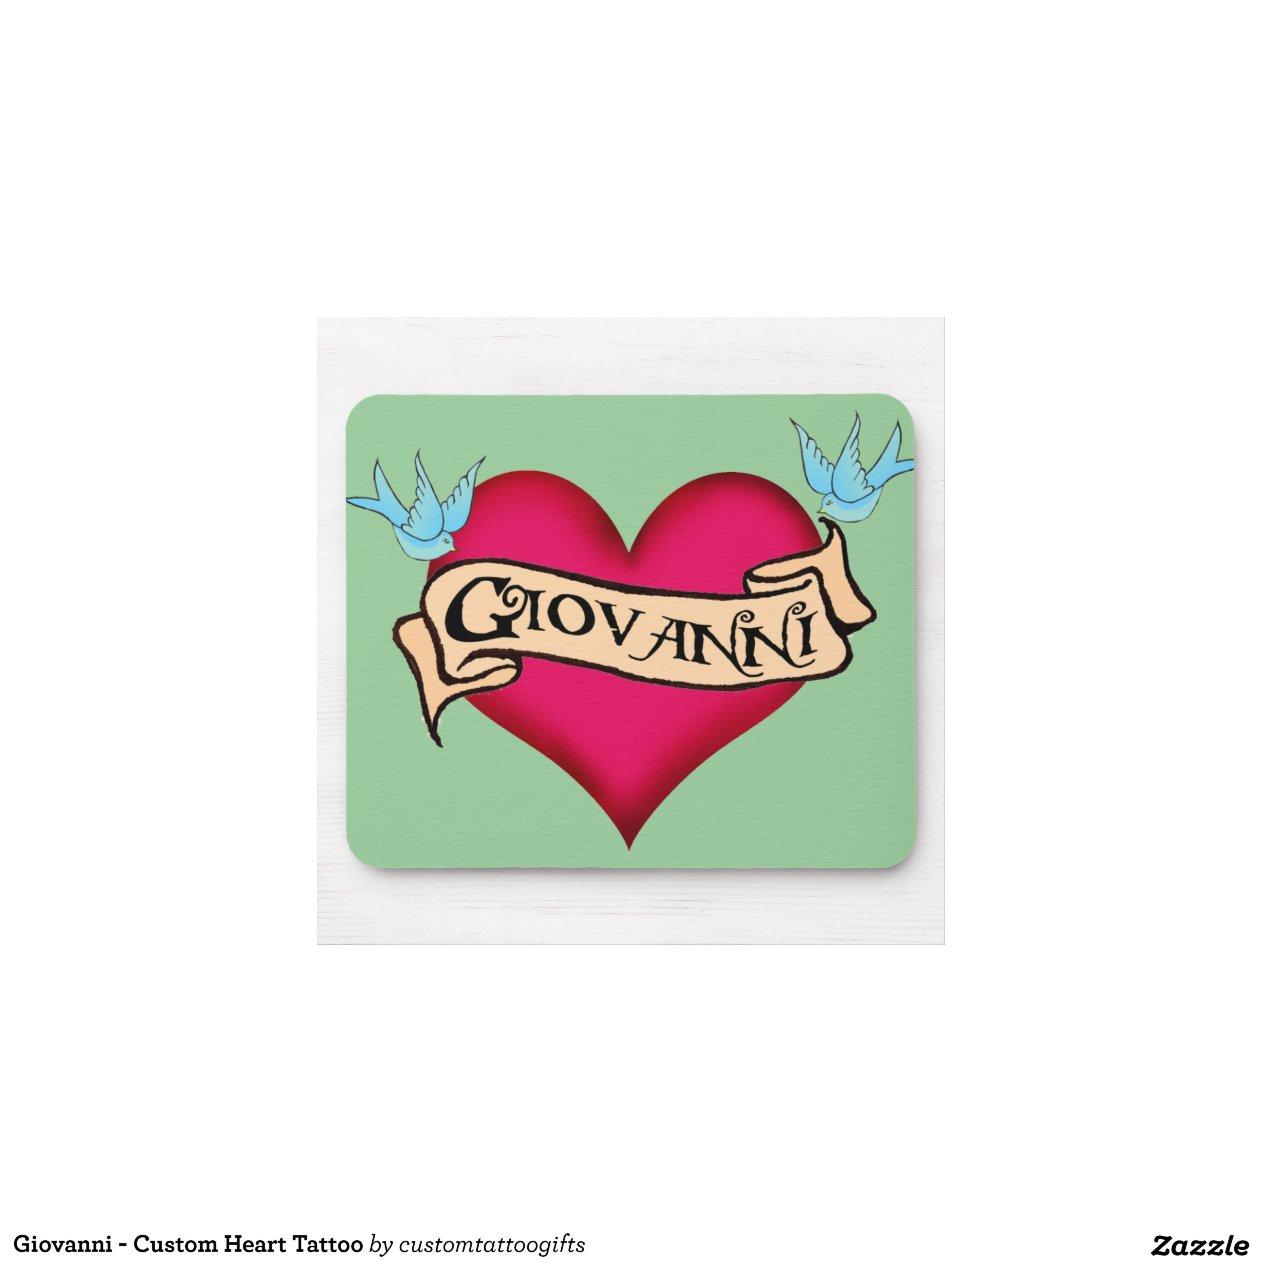 giovanni tatouage fait sur commande de coeur tapis souris rc7445bfa9e4a4f19862d11d955330195. Black Bedroom Furniture Sets. Home Design Ideas